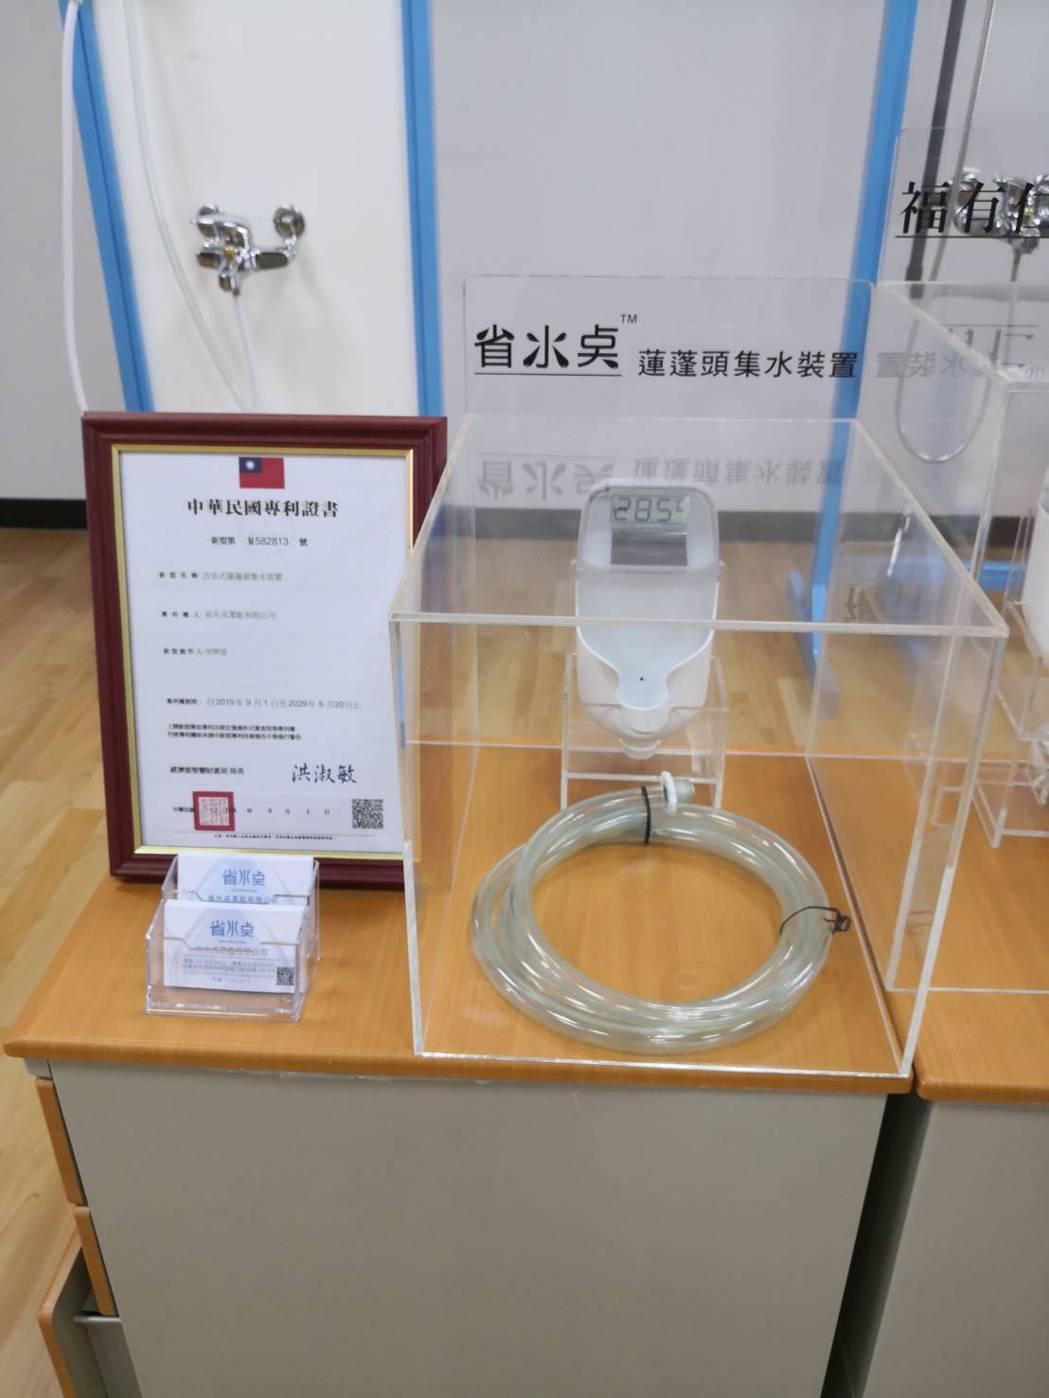 省水奌蓮蓬頭集水系統專利 省水奌潔能/提供